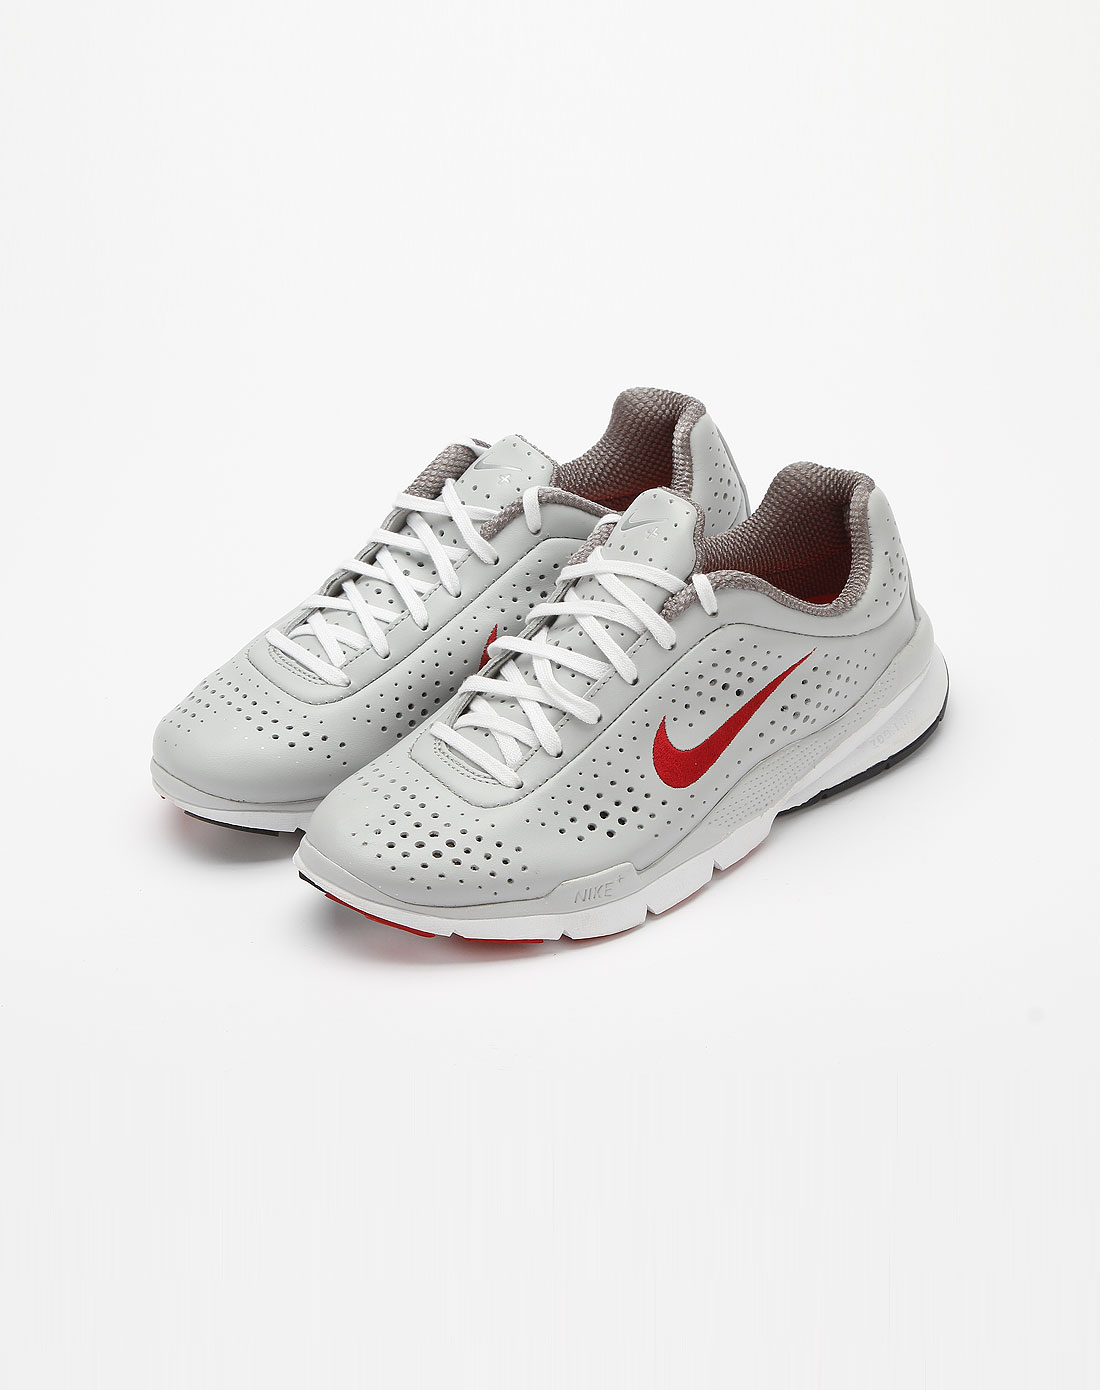 耐克nike浅灰色镂空圆孔运动鞋